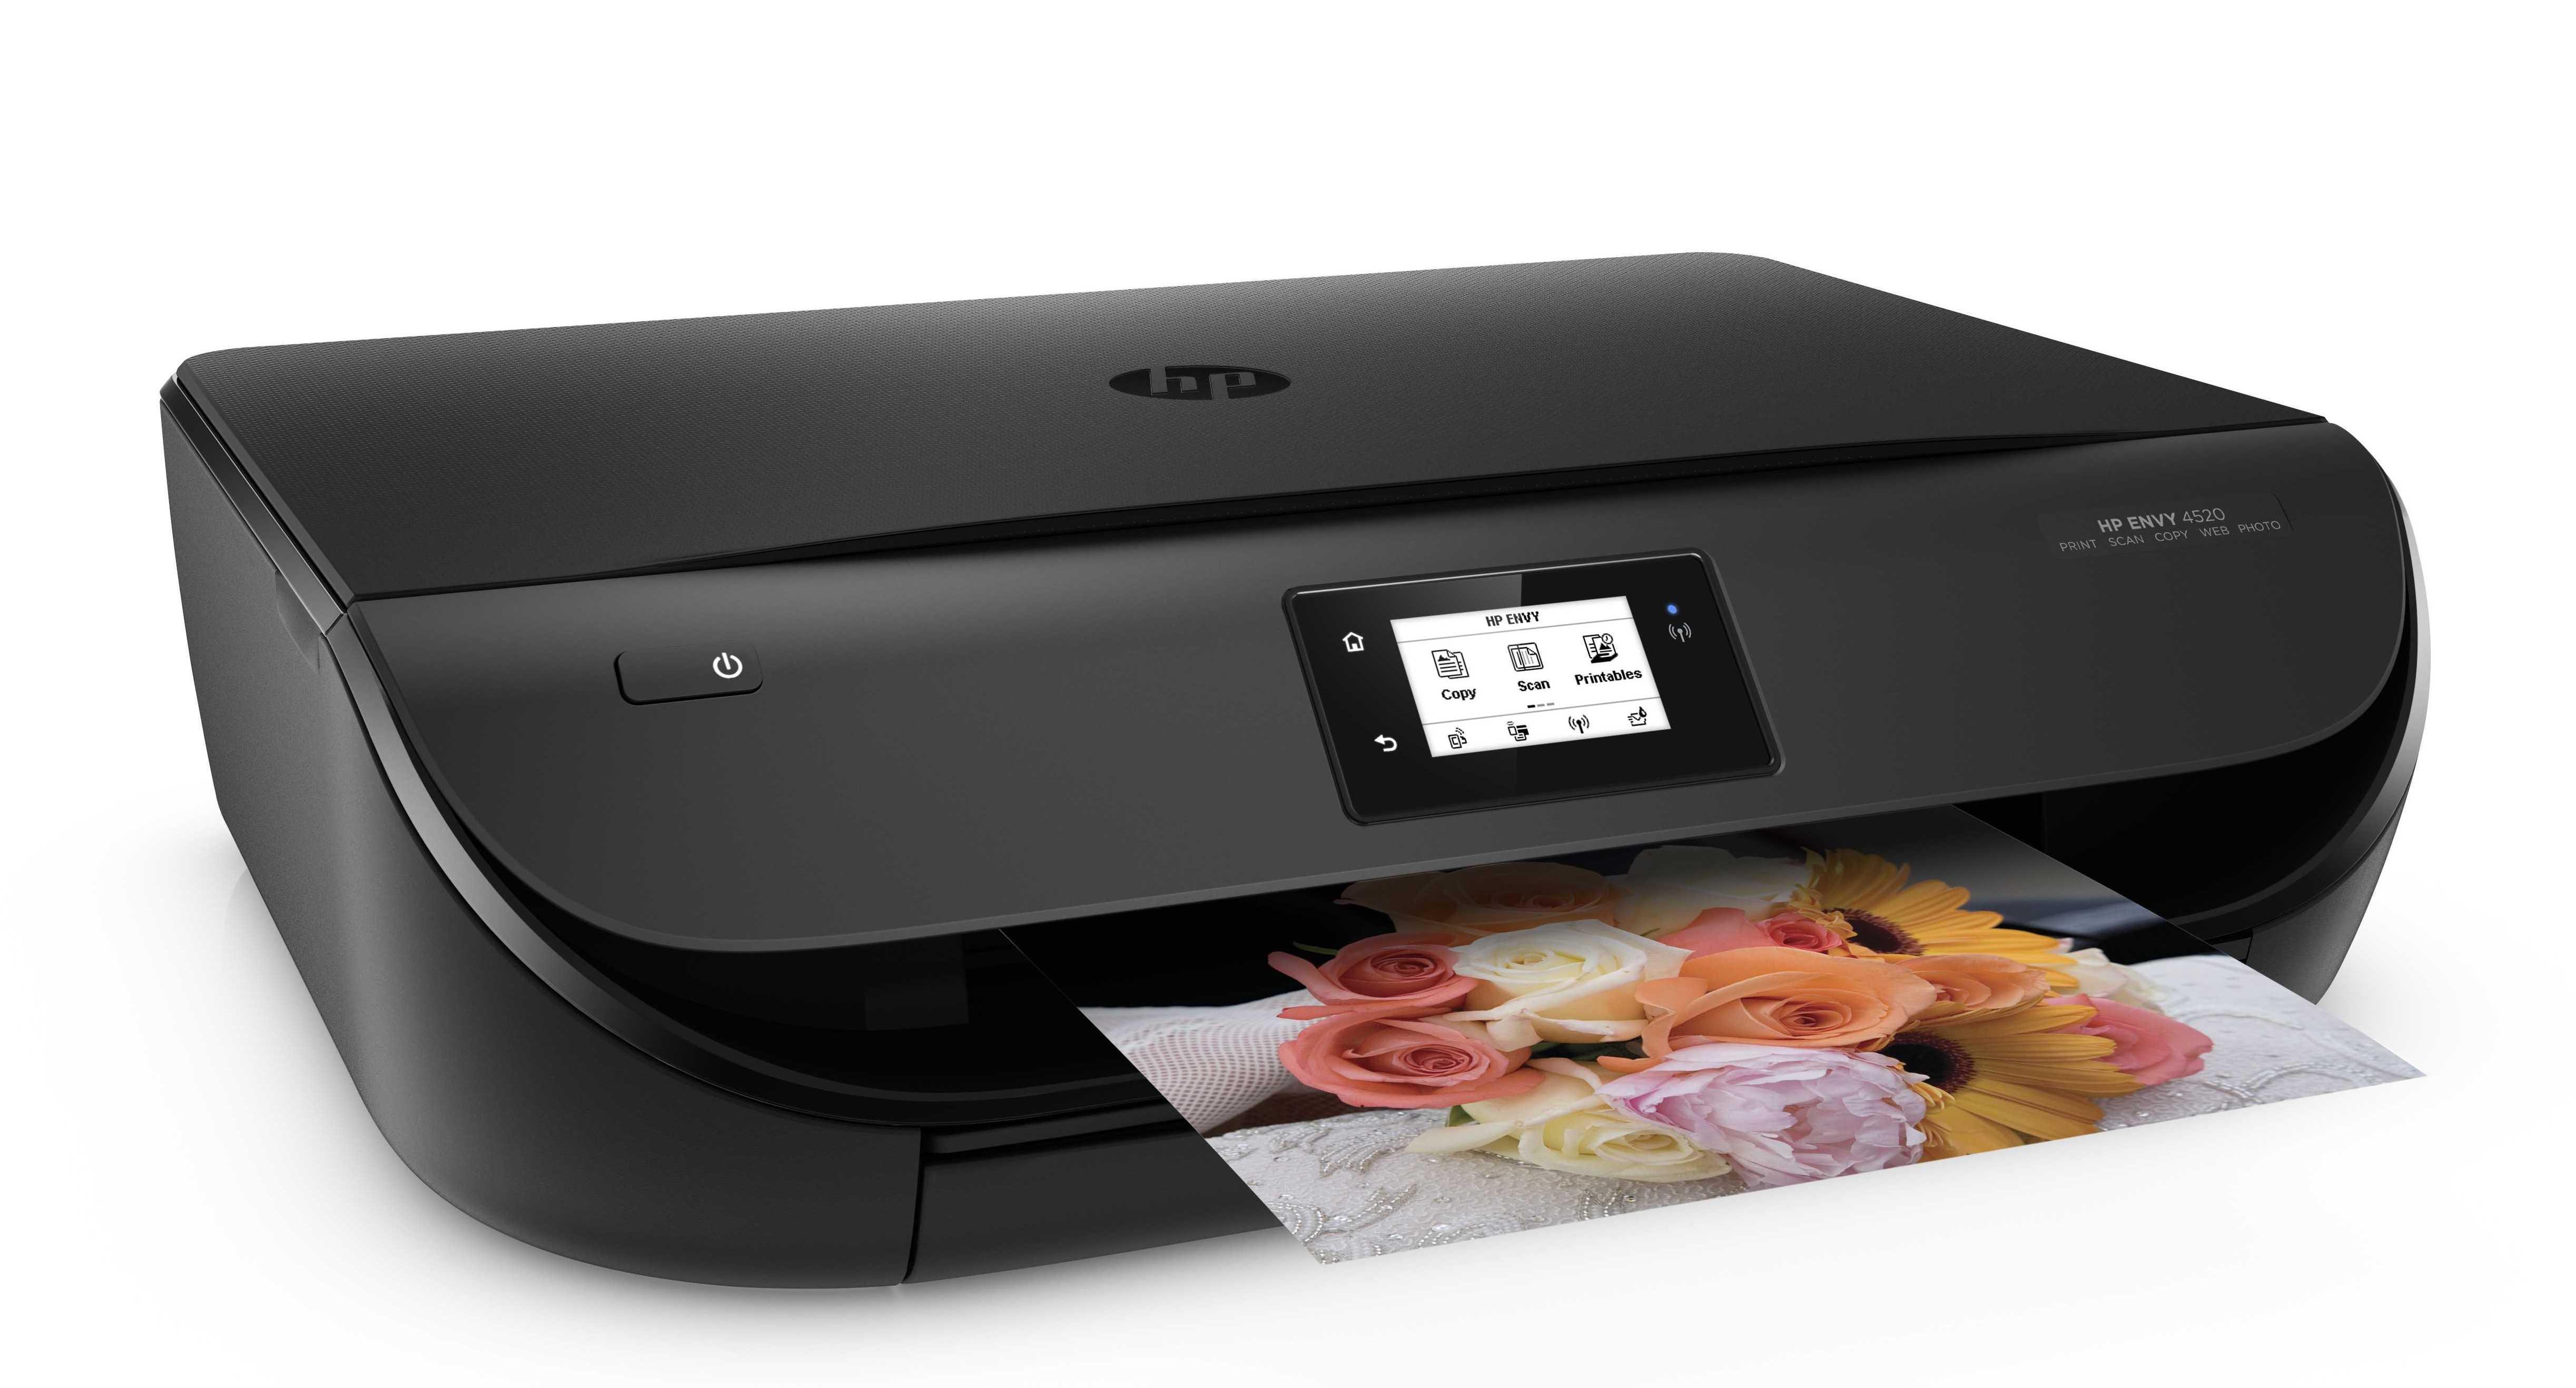 HP 推出新款打印機及手提電腦 全新月費計劃節省列印成本 - UNWIRE.PRO